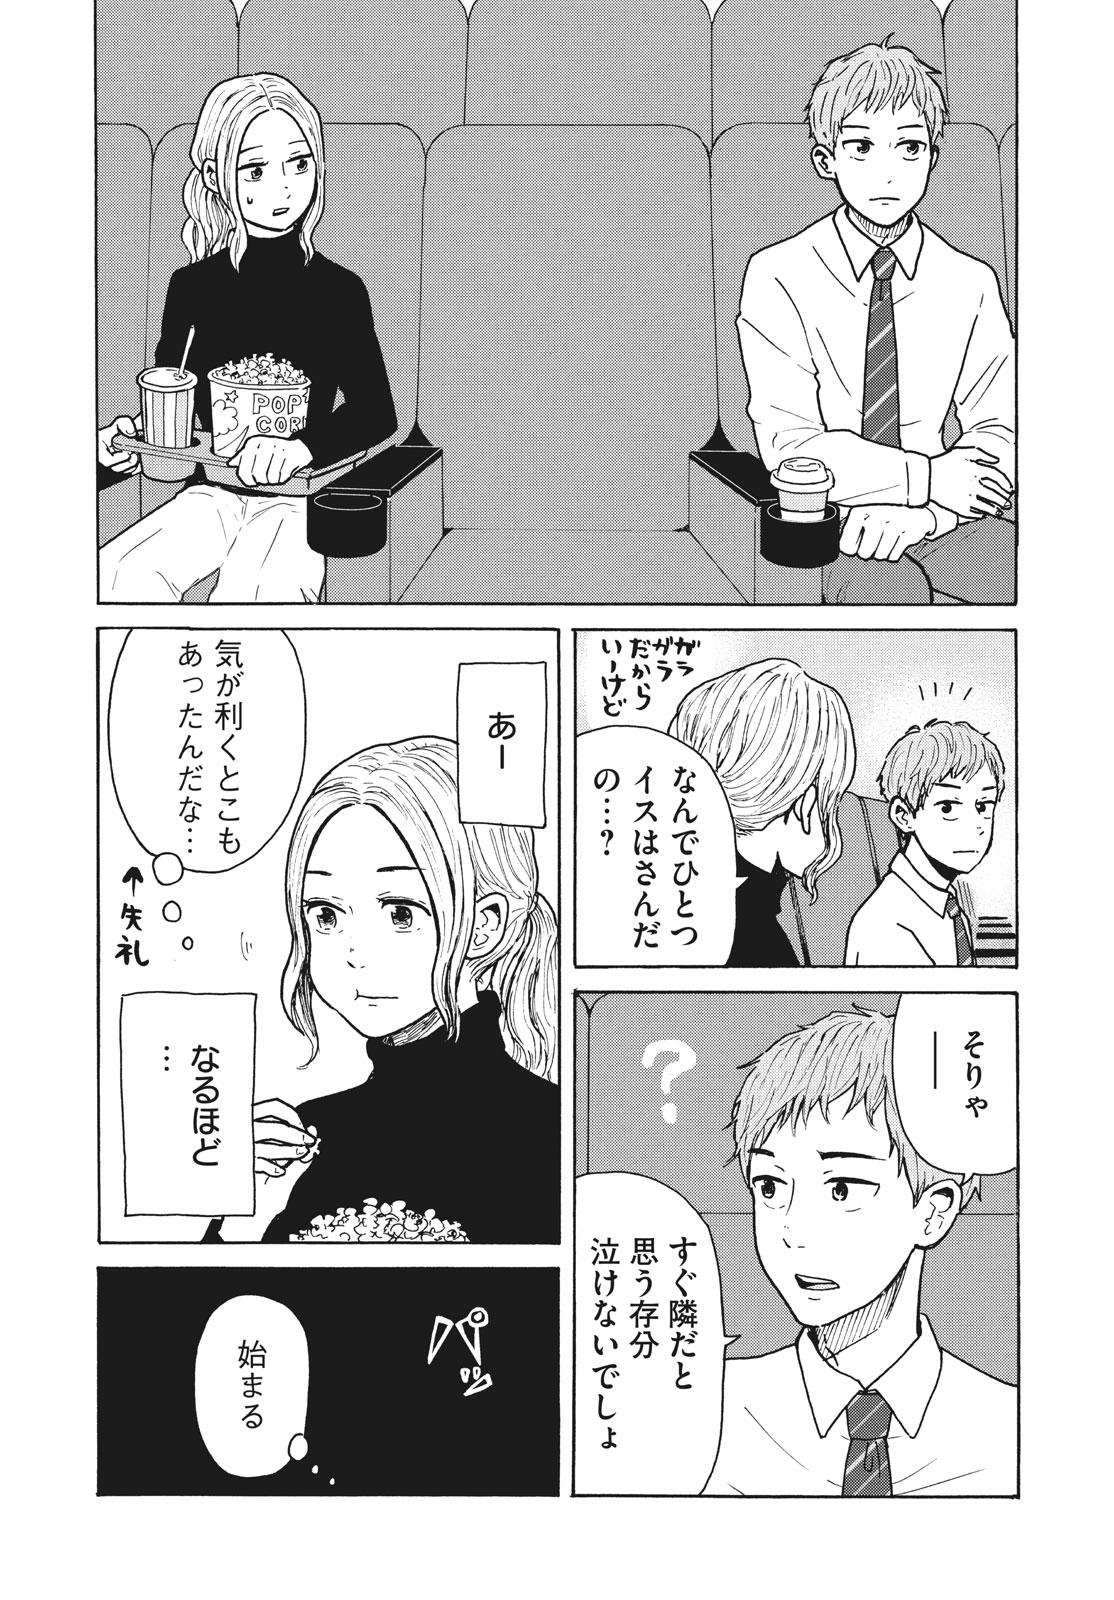 008_30日_2019_006_E.jpg